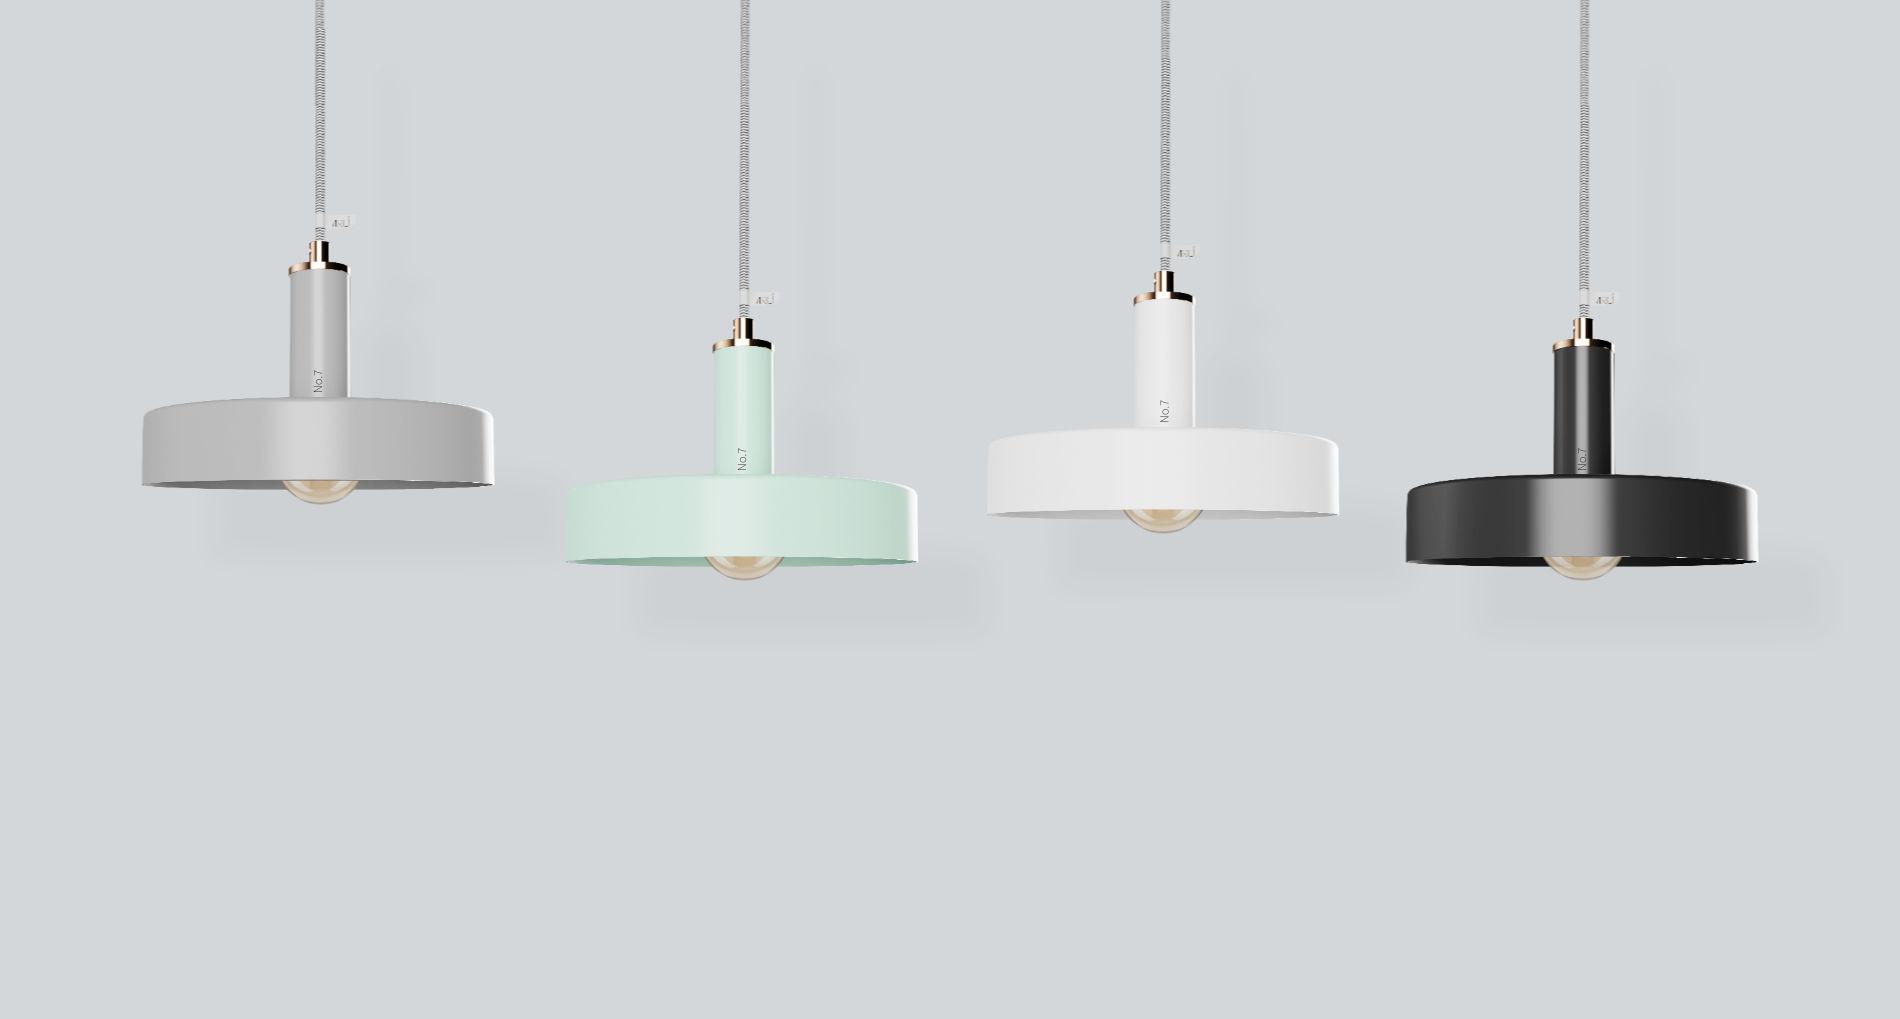 Zavesne dizajnové svietidlo ARLI No7